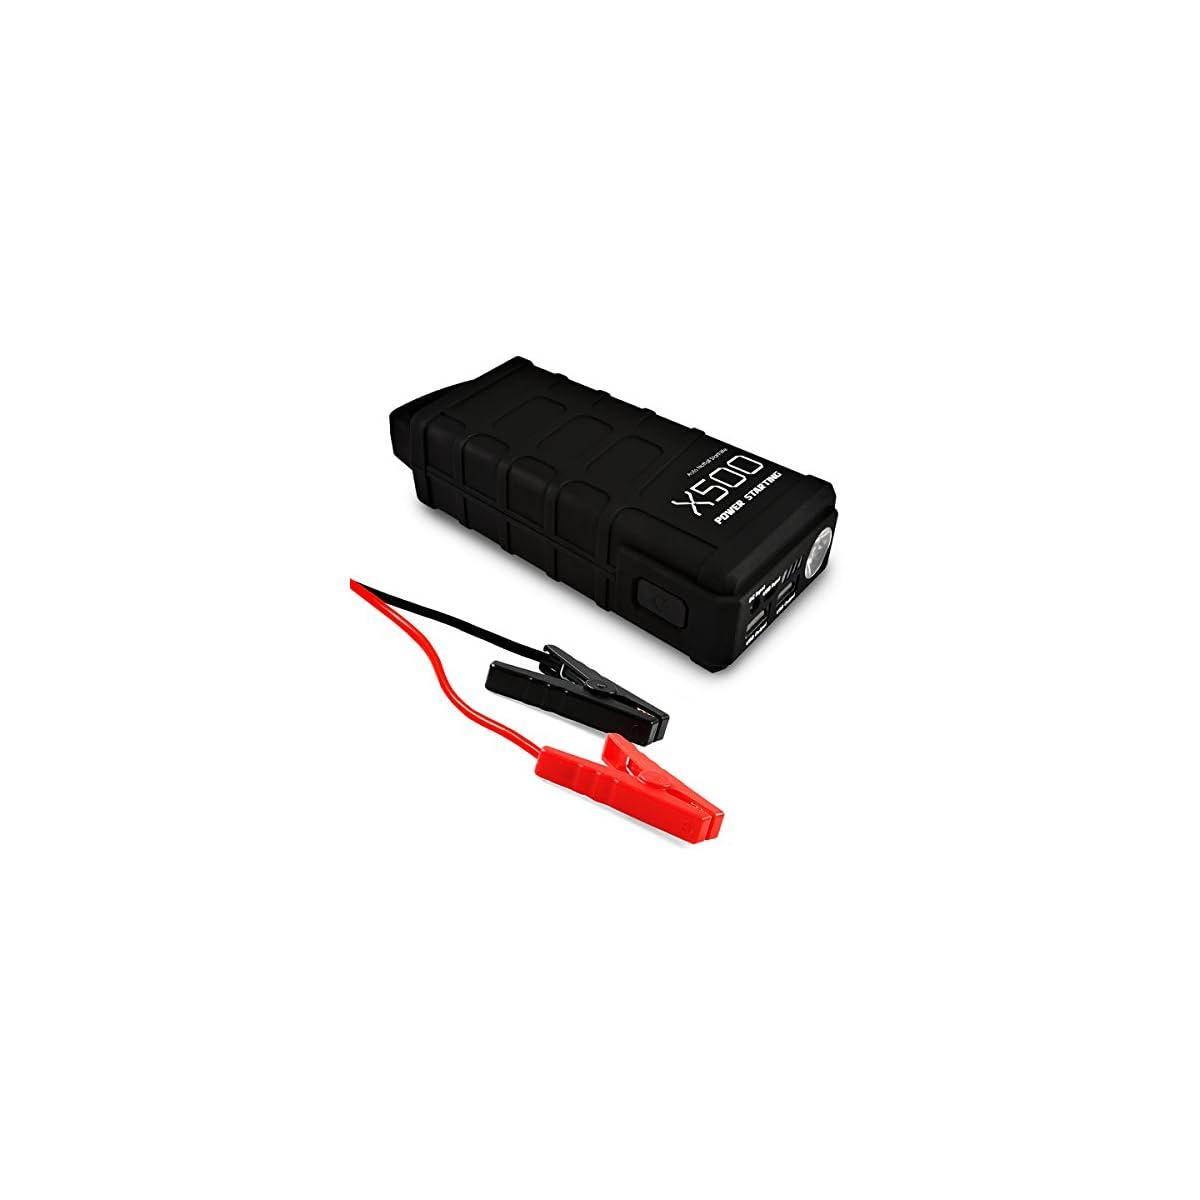 41o2p8DHGgL. SS1200  - Afterpartz - Arranque de emergencias Portátil para coche